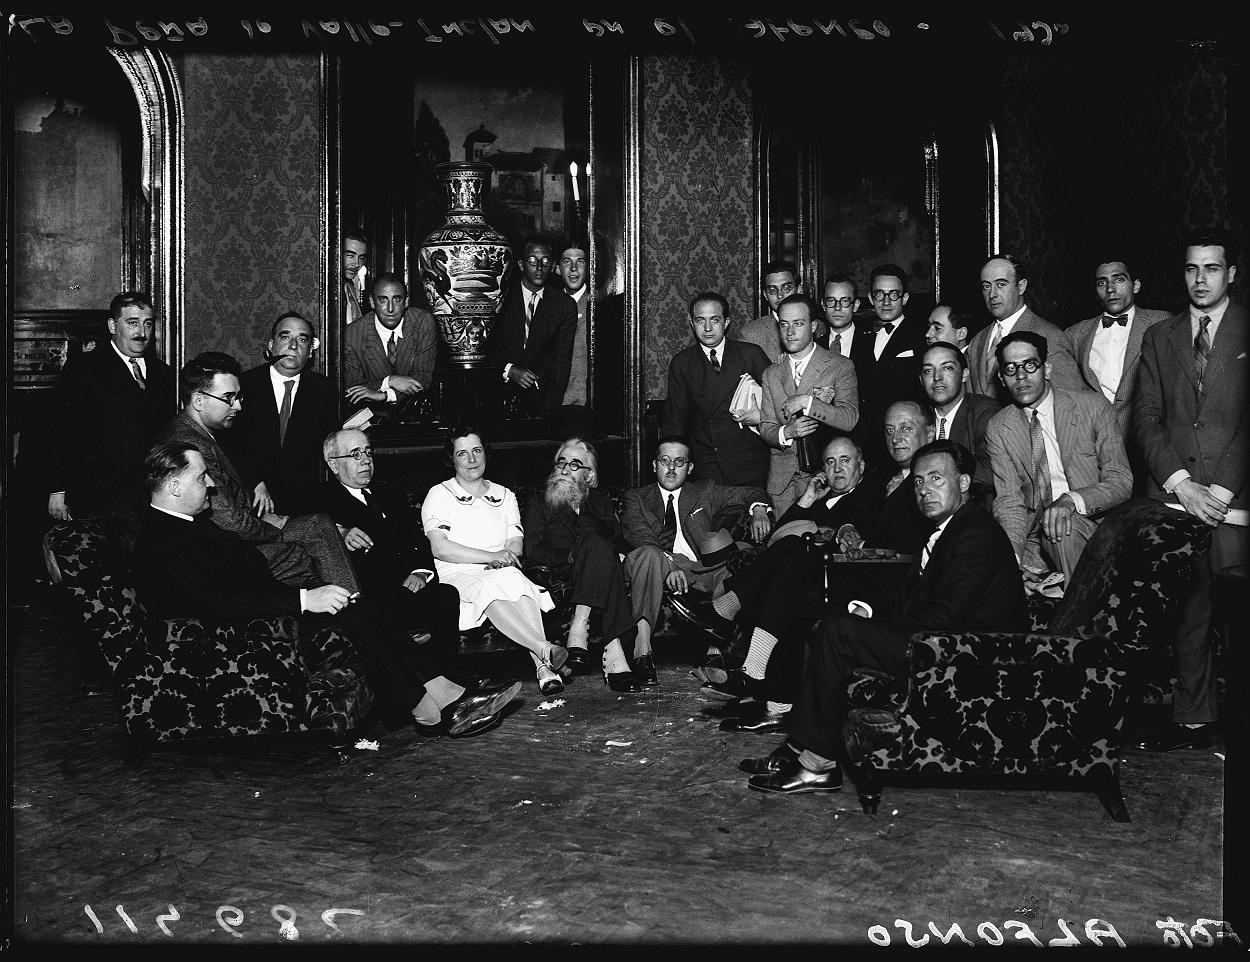 Manuel Azaña y Valle-Inclán, en la tertulia de la Cacharrería en el Ateneo de Madrid (Madrid, 1930). Ministerio de Cultura y Deporte. Archivo General de la Administración.